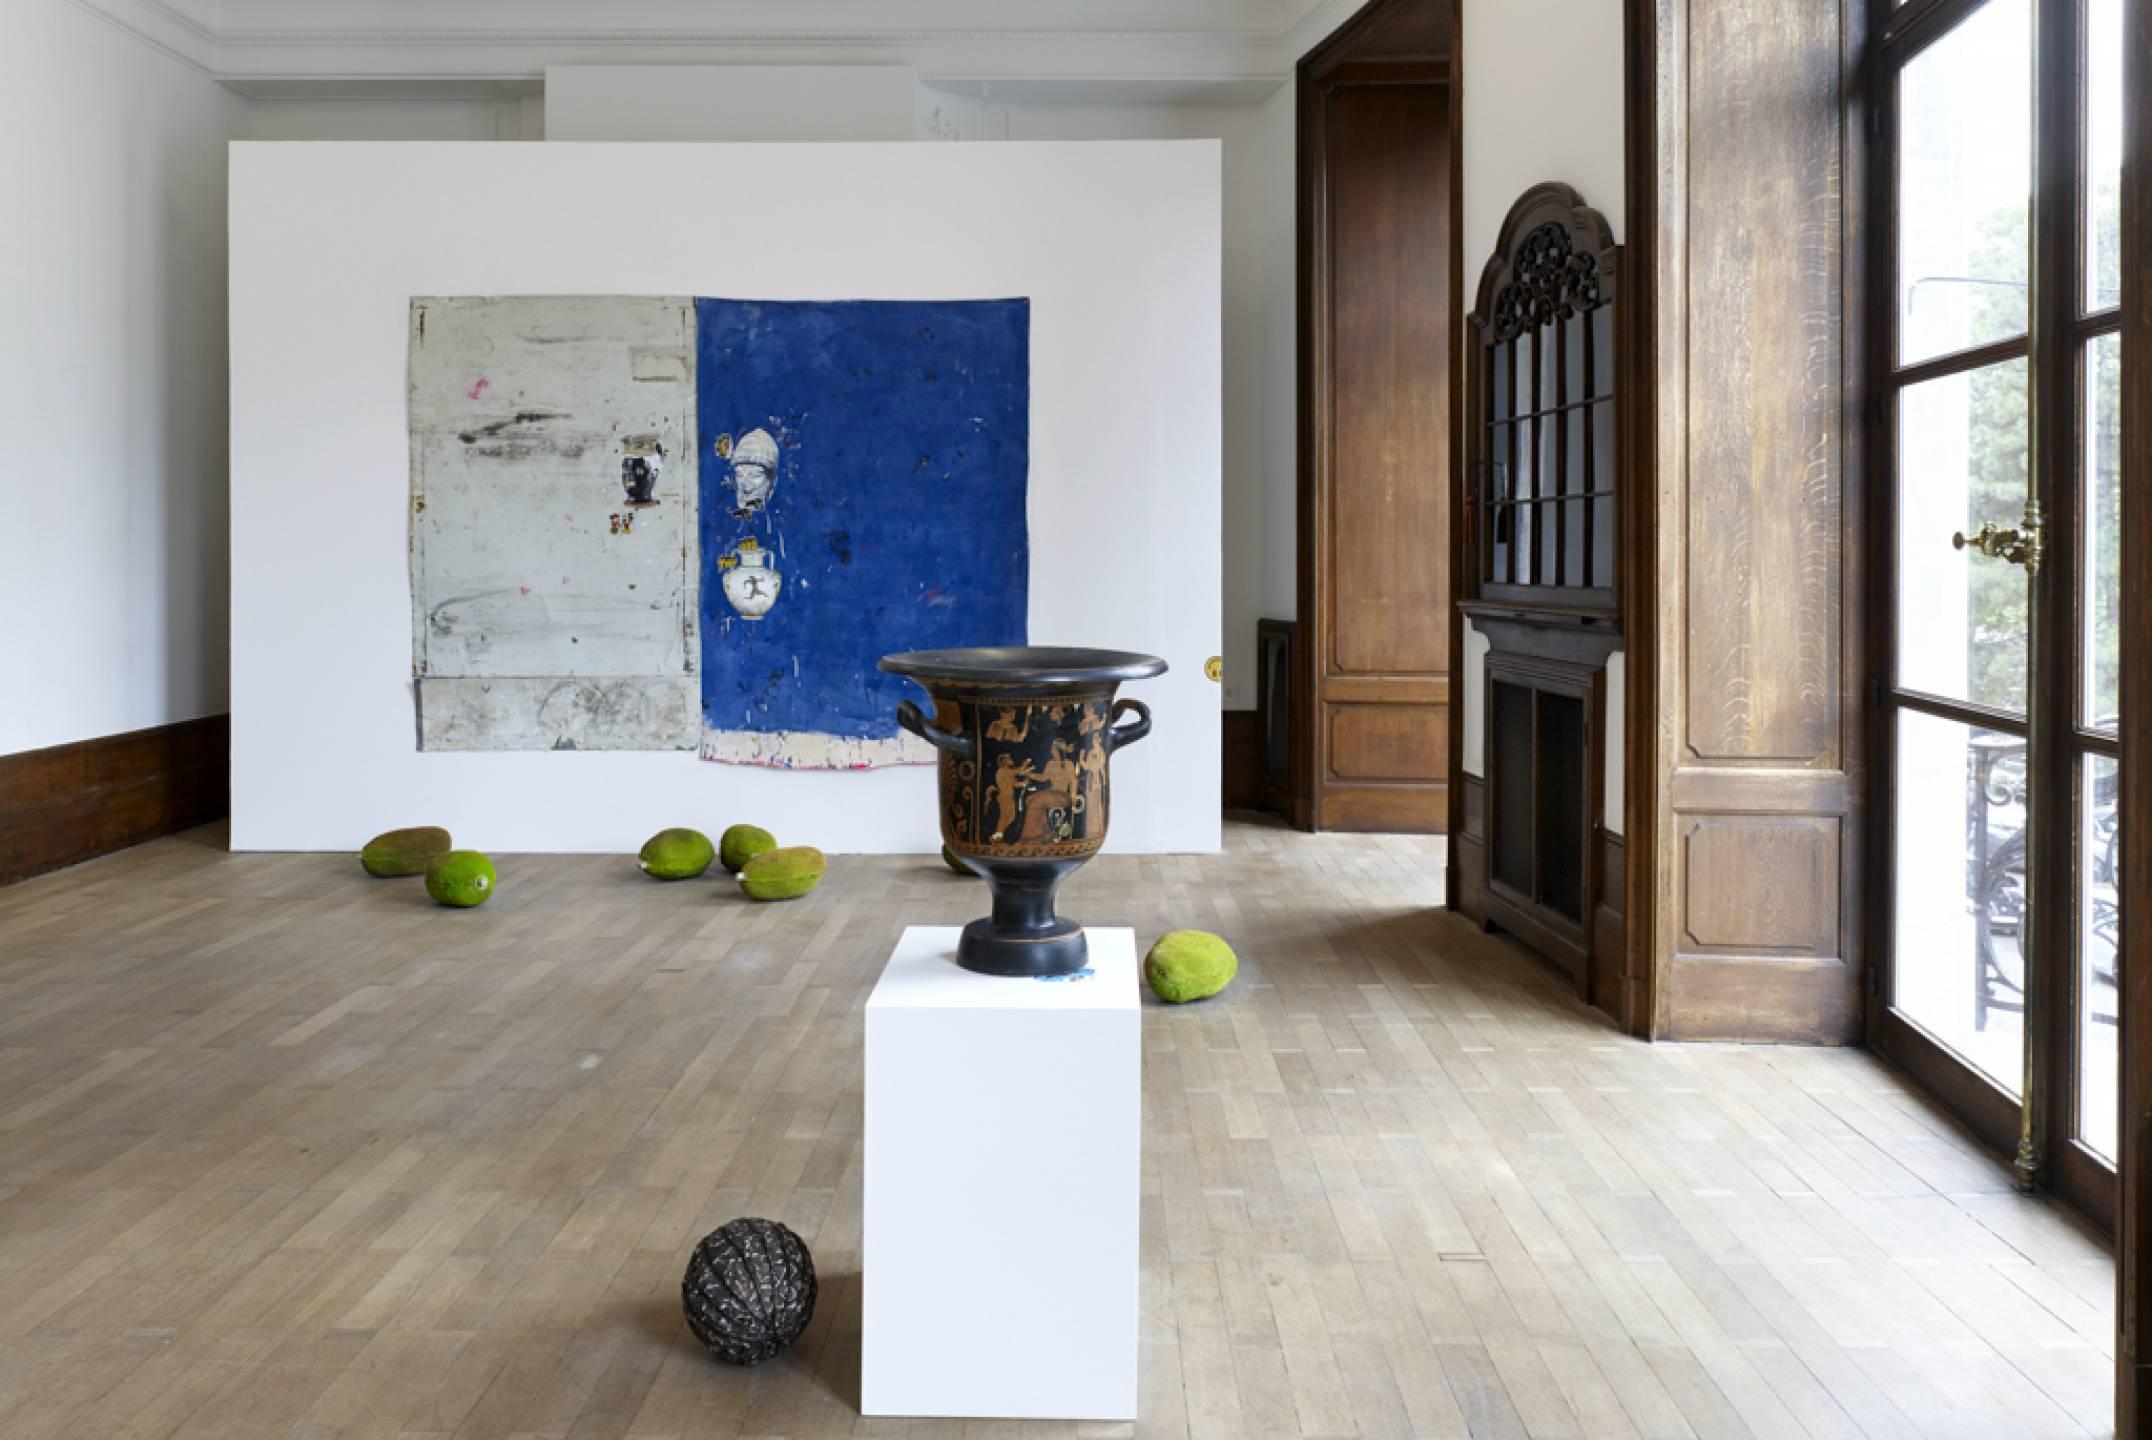 Paulo Nimer Pjota,<em>The history in repeat mode — image</em>,Mendes Wood DM, Brussels, 2017 - Mendes Wood DM